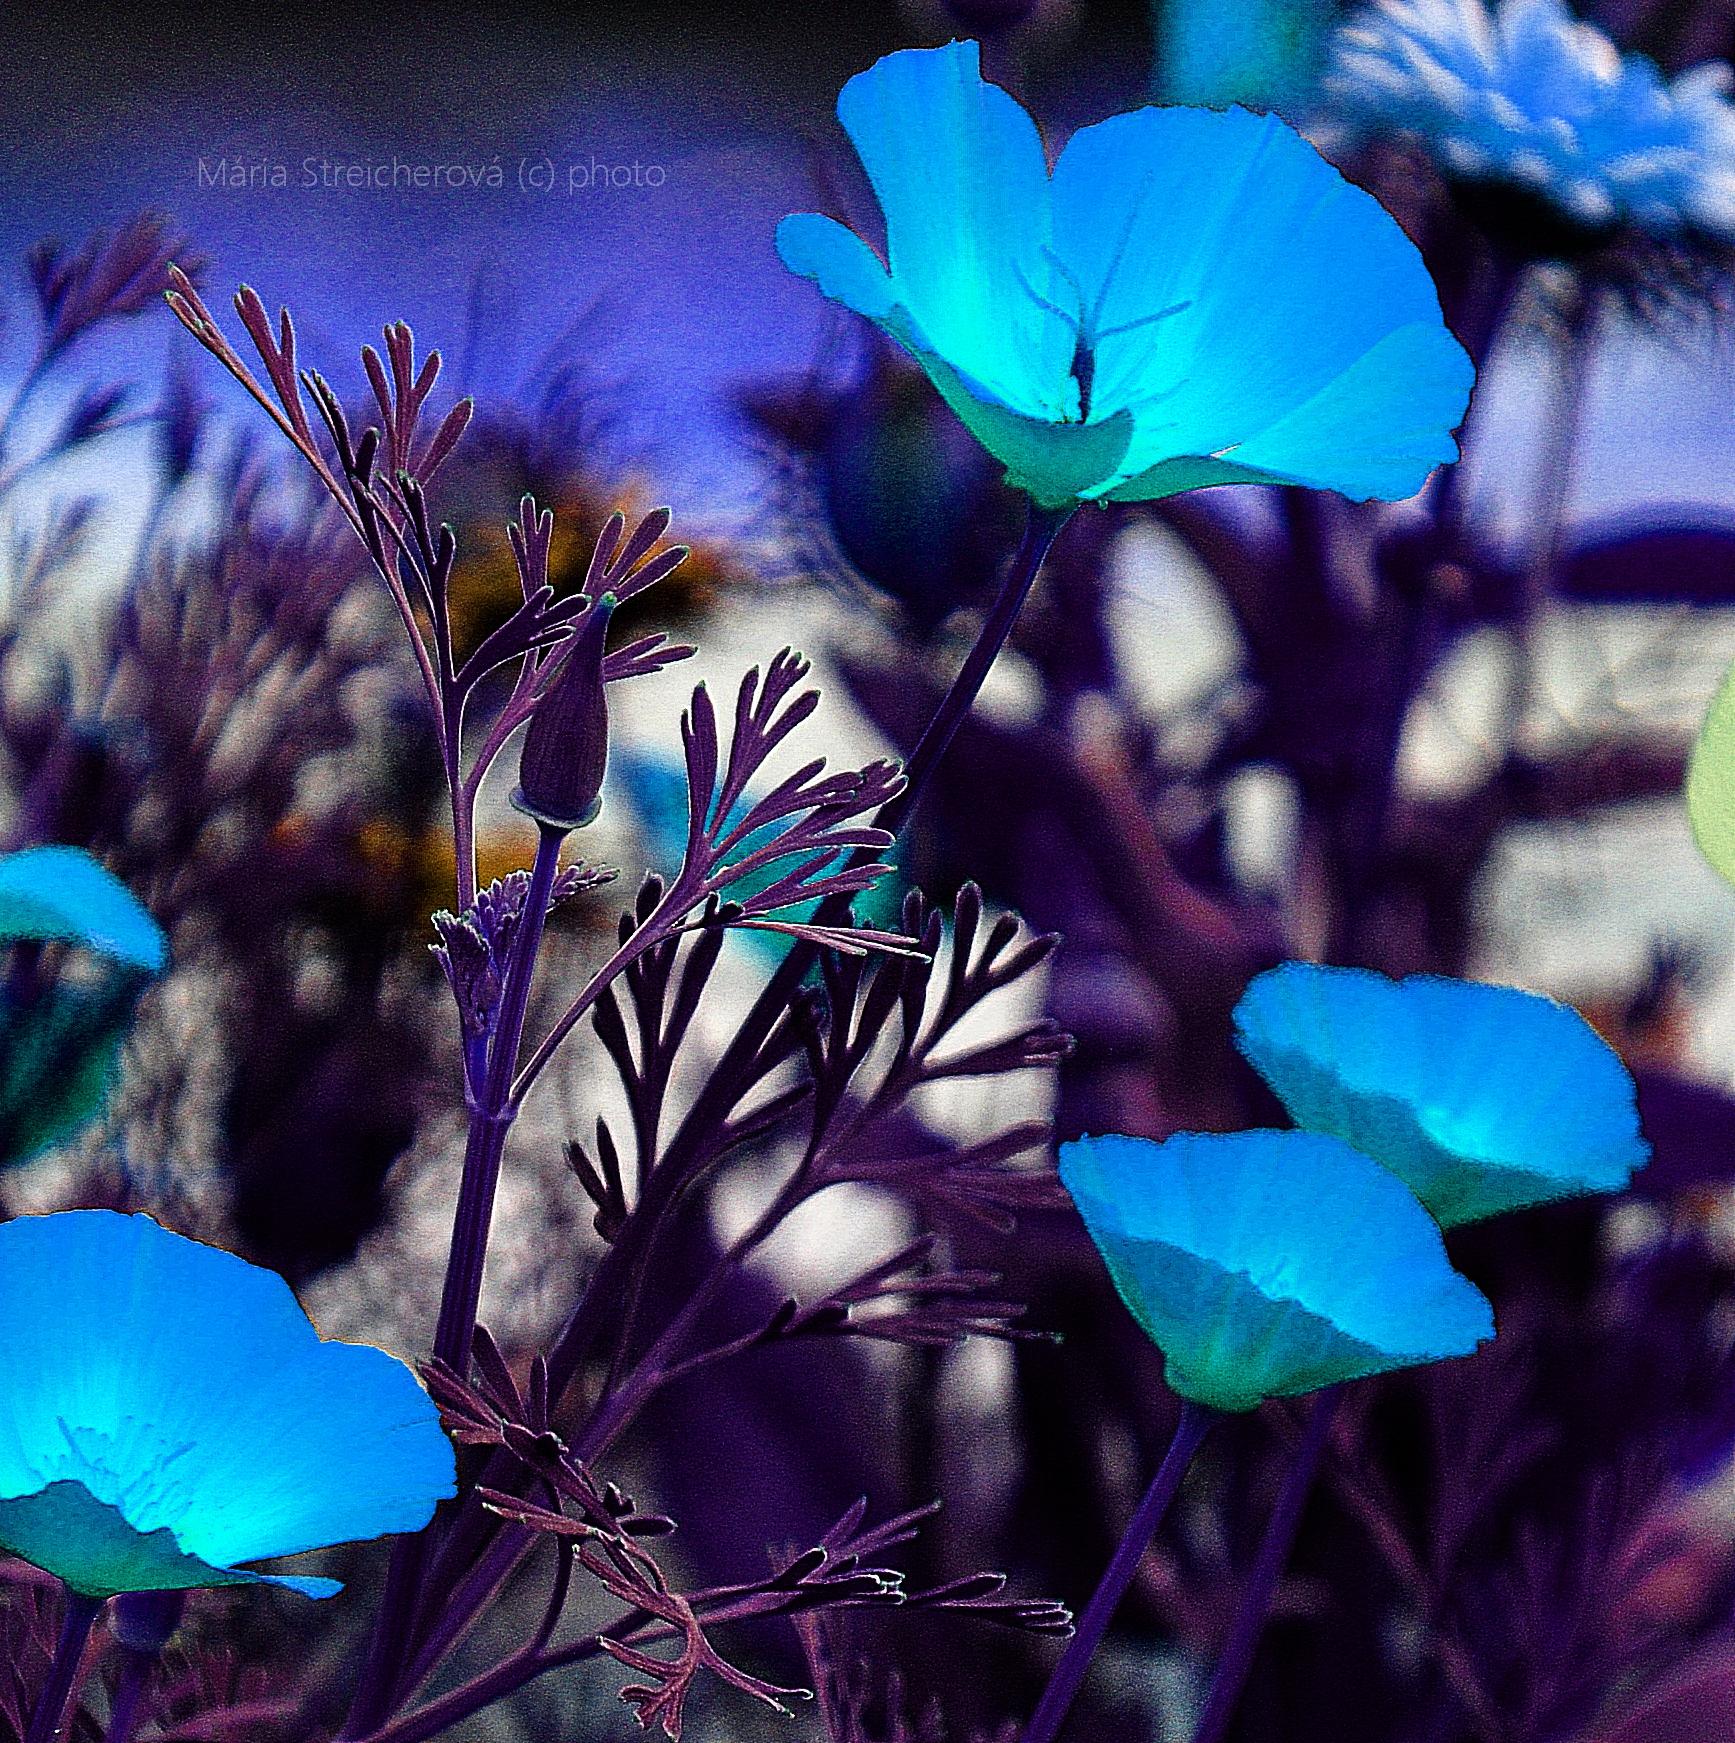 Graficky upravený záber kvetov a listov v odtieňoch tyrkysovomodrej a fialovej farby.